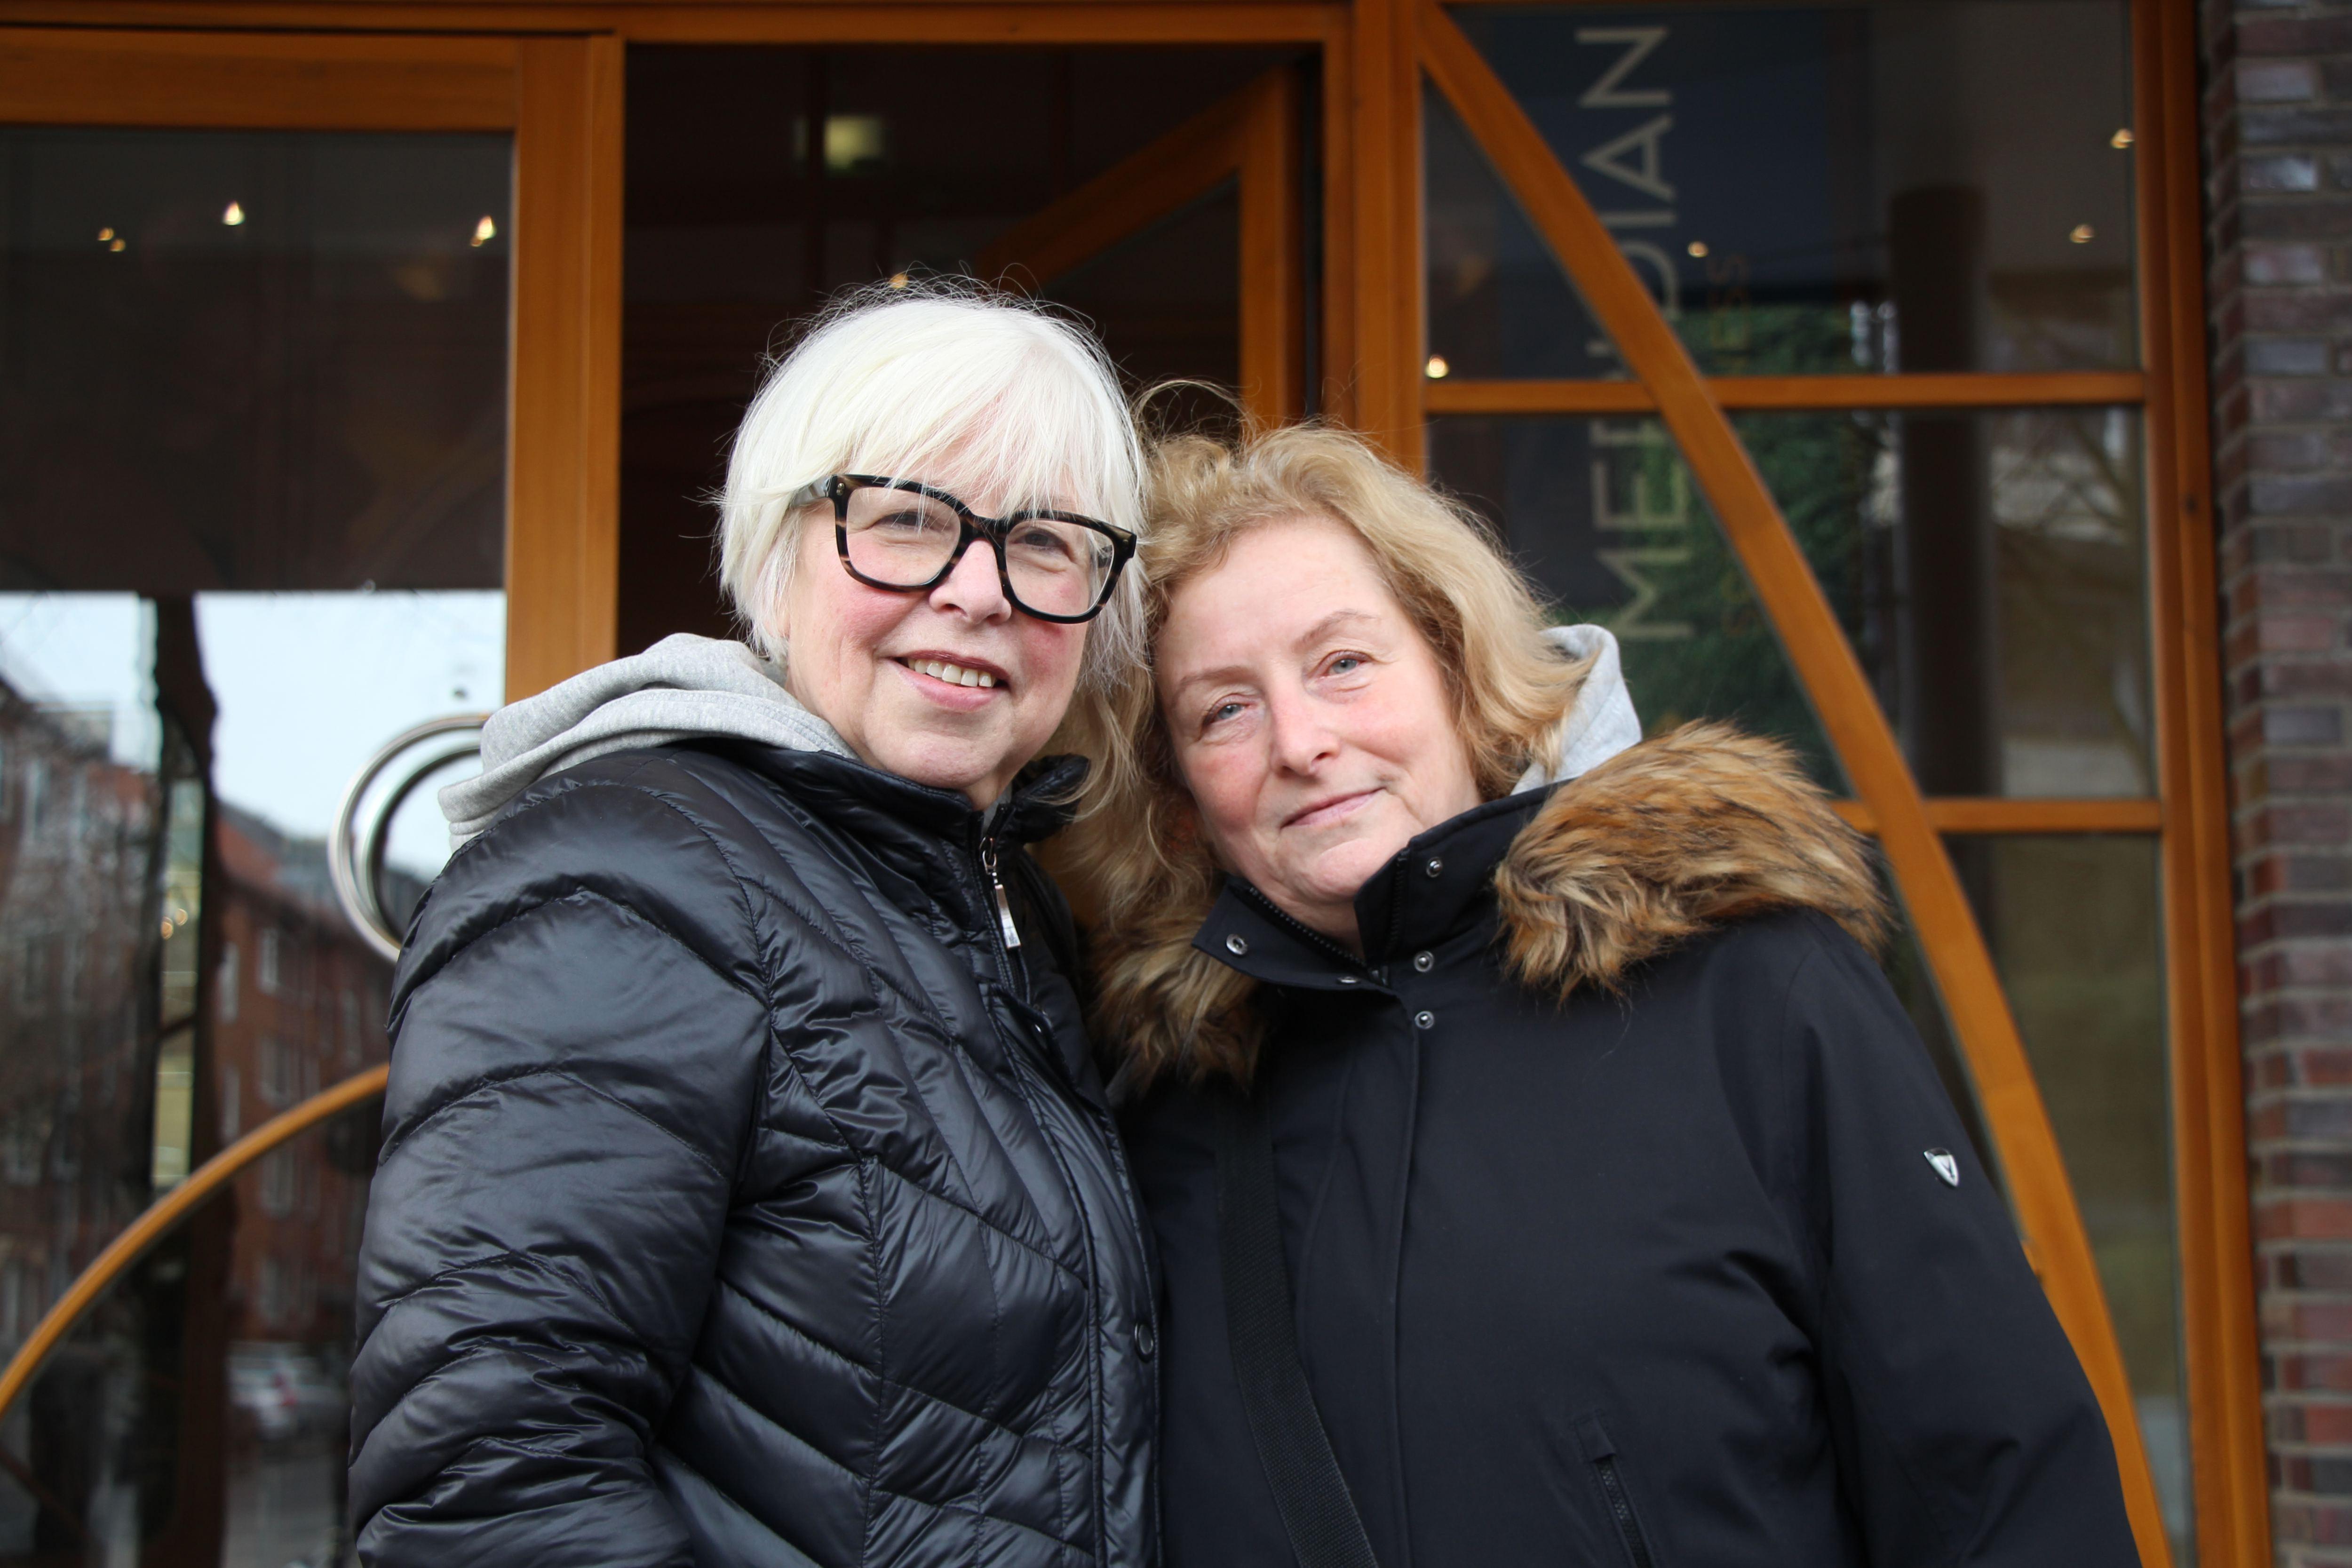 """Felicitas (links) und Brigitte (rechts): """"Wir finden die Verordnung gut, es muss normal sein, wenn man bekleidet ist. Wir sind seit 20 Jahren Mitglieder und wurden teilweise komisch angeguckt, wenn wir nicht nackt waren. Deswegen sind wir irgendwann nicht mehr baden gegangen."""""""